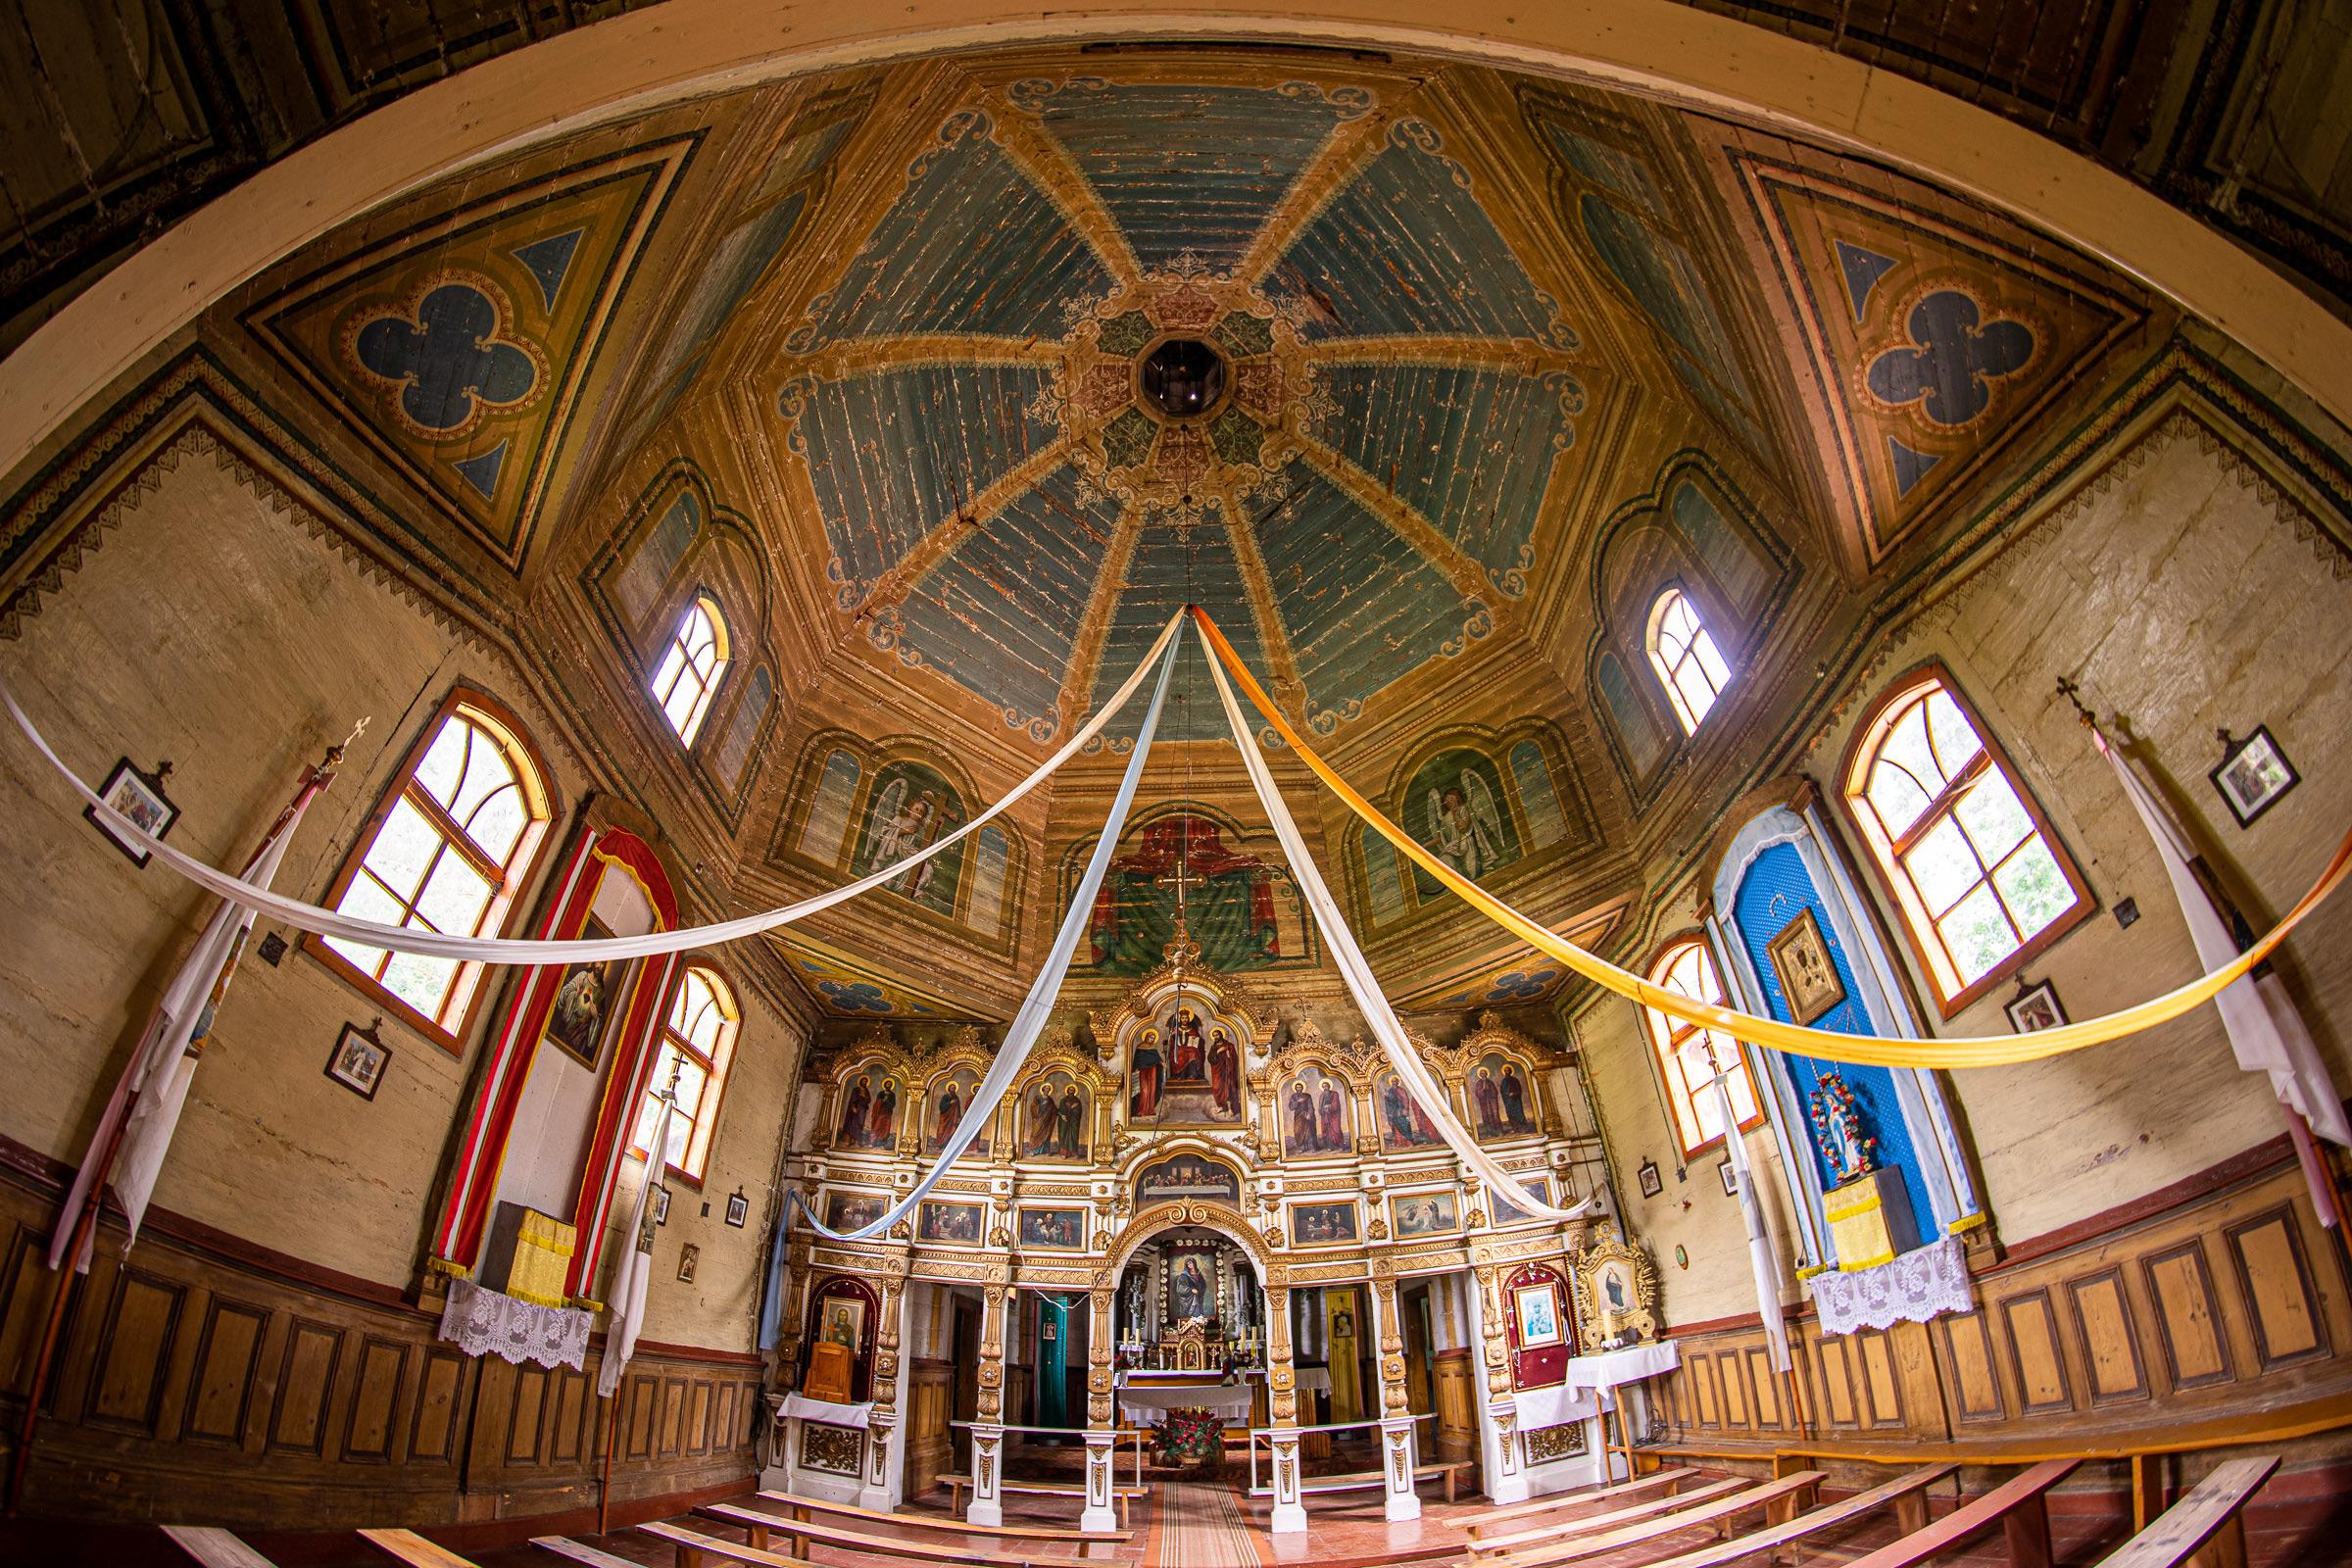 Wnętrze cerkwi św. Paraskewy w Łówczy. fot. Krzysztof Zajączkowski